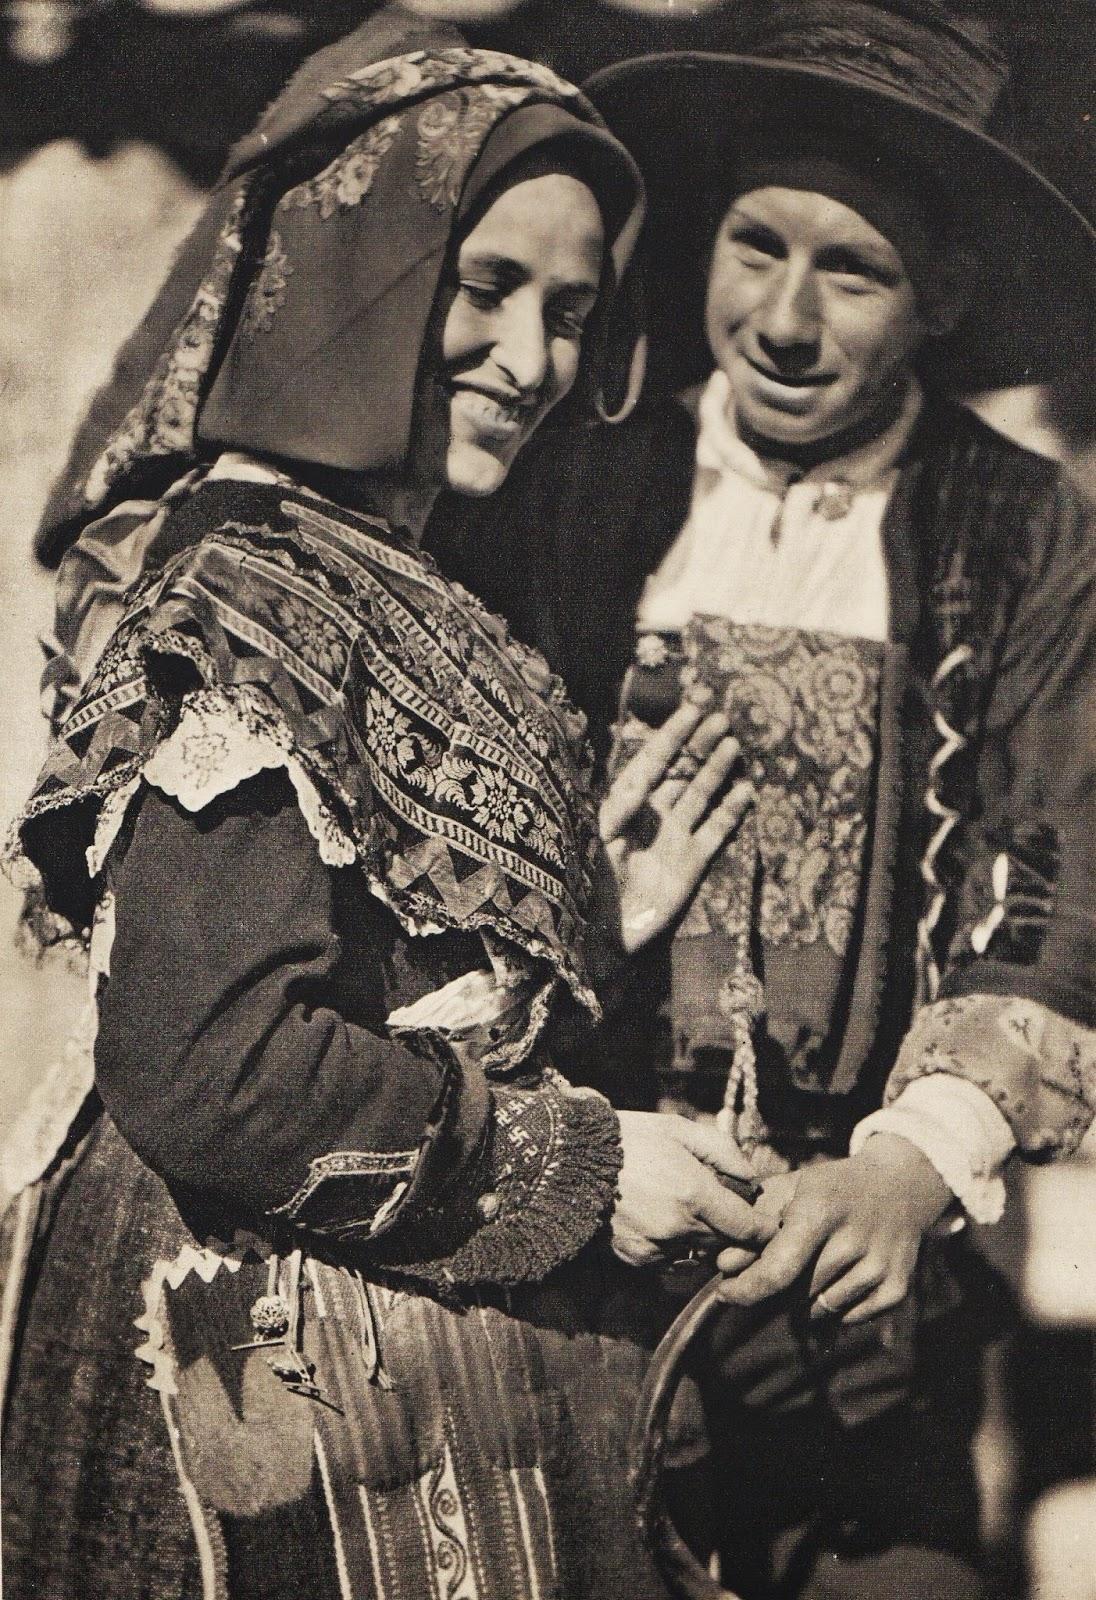 De todas las mujeres del mundo es la latina la mas culona - 1 4